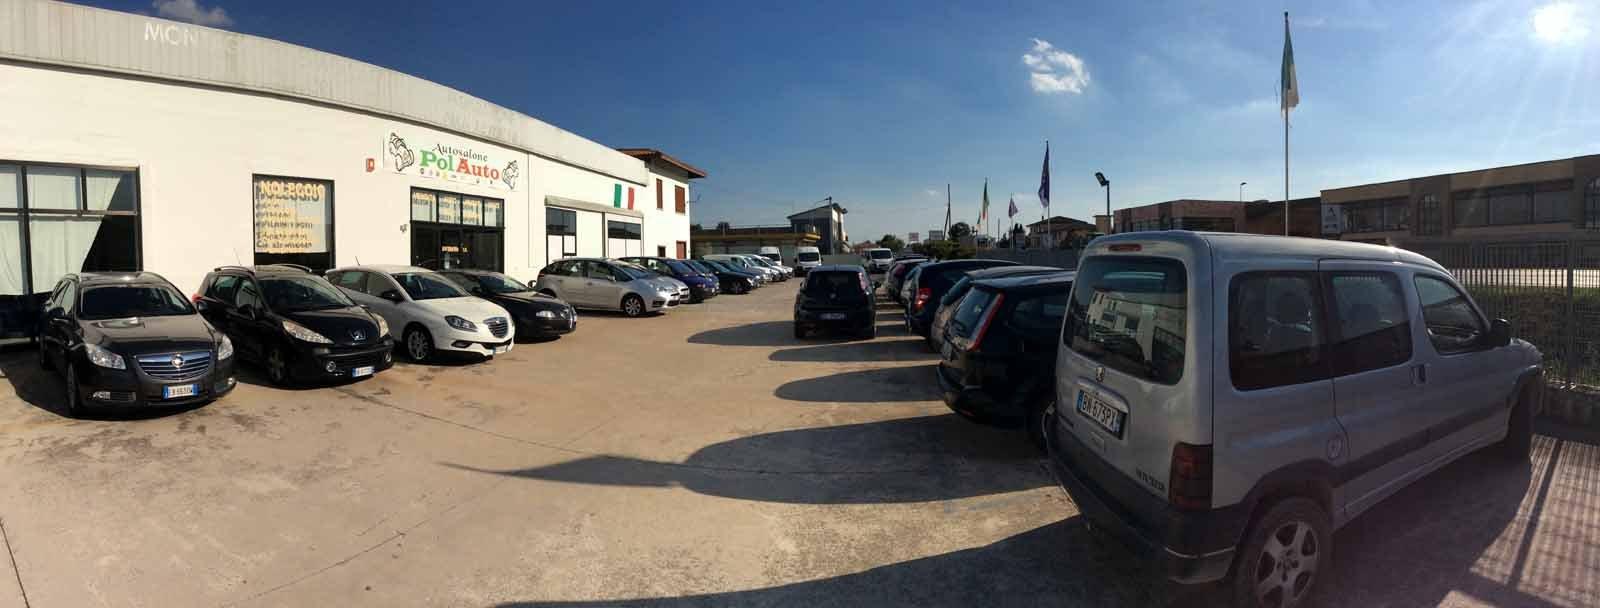 Furgoni e auto in un parcheggio